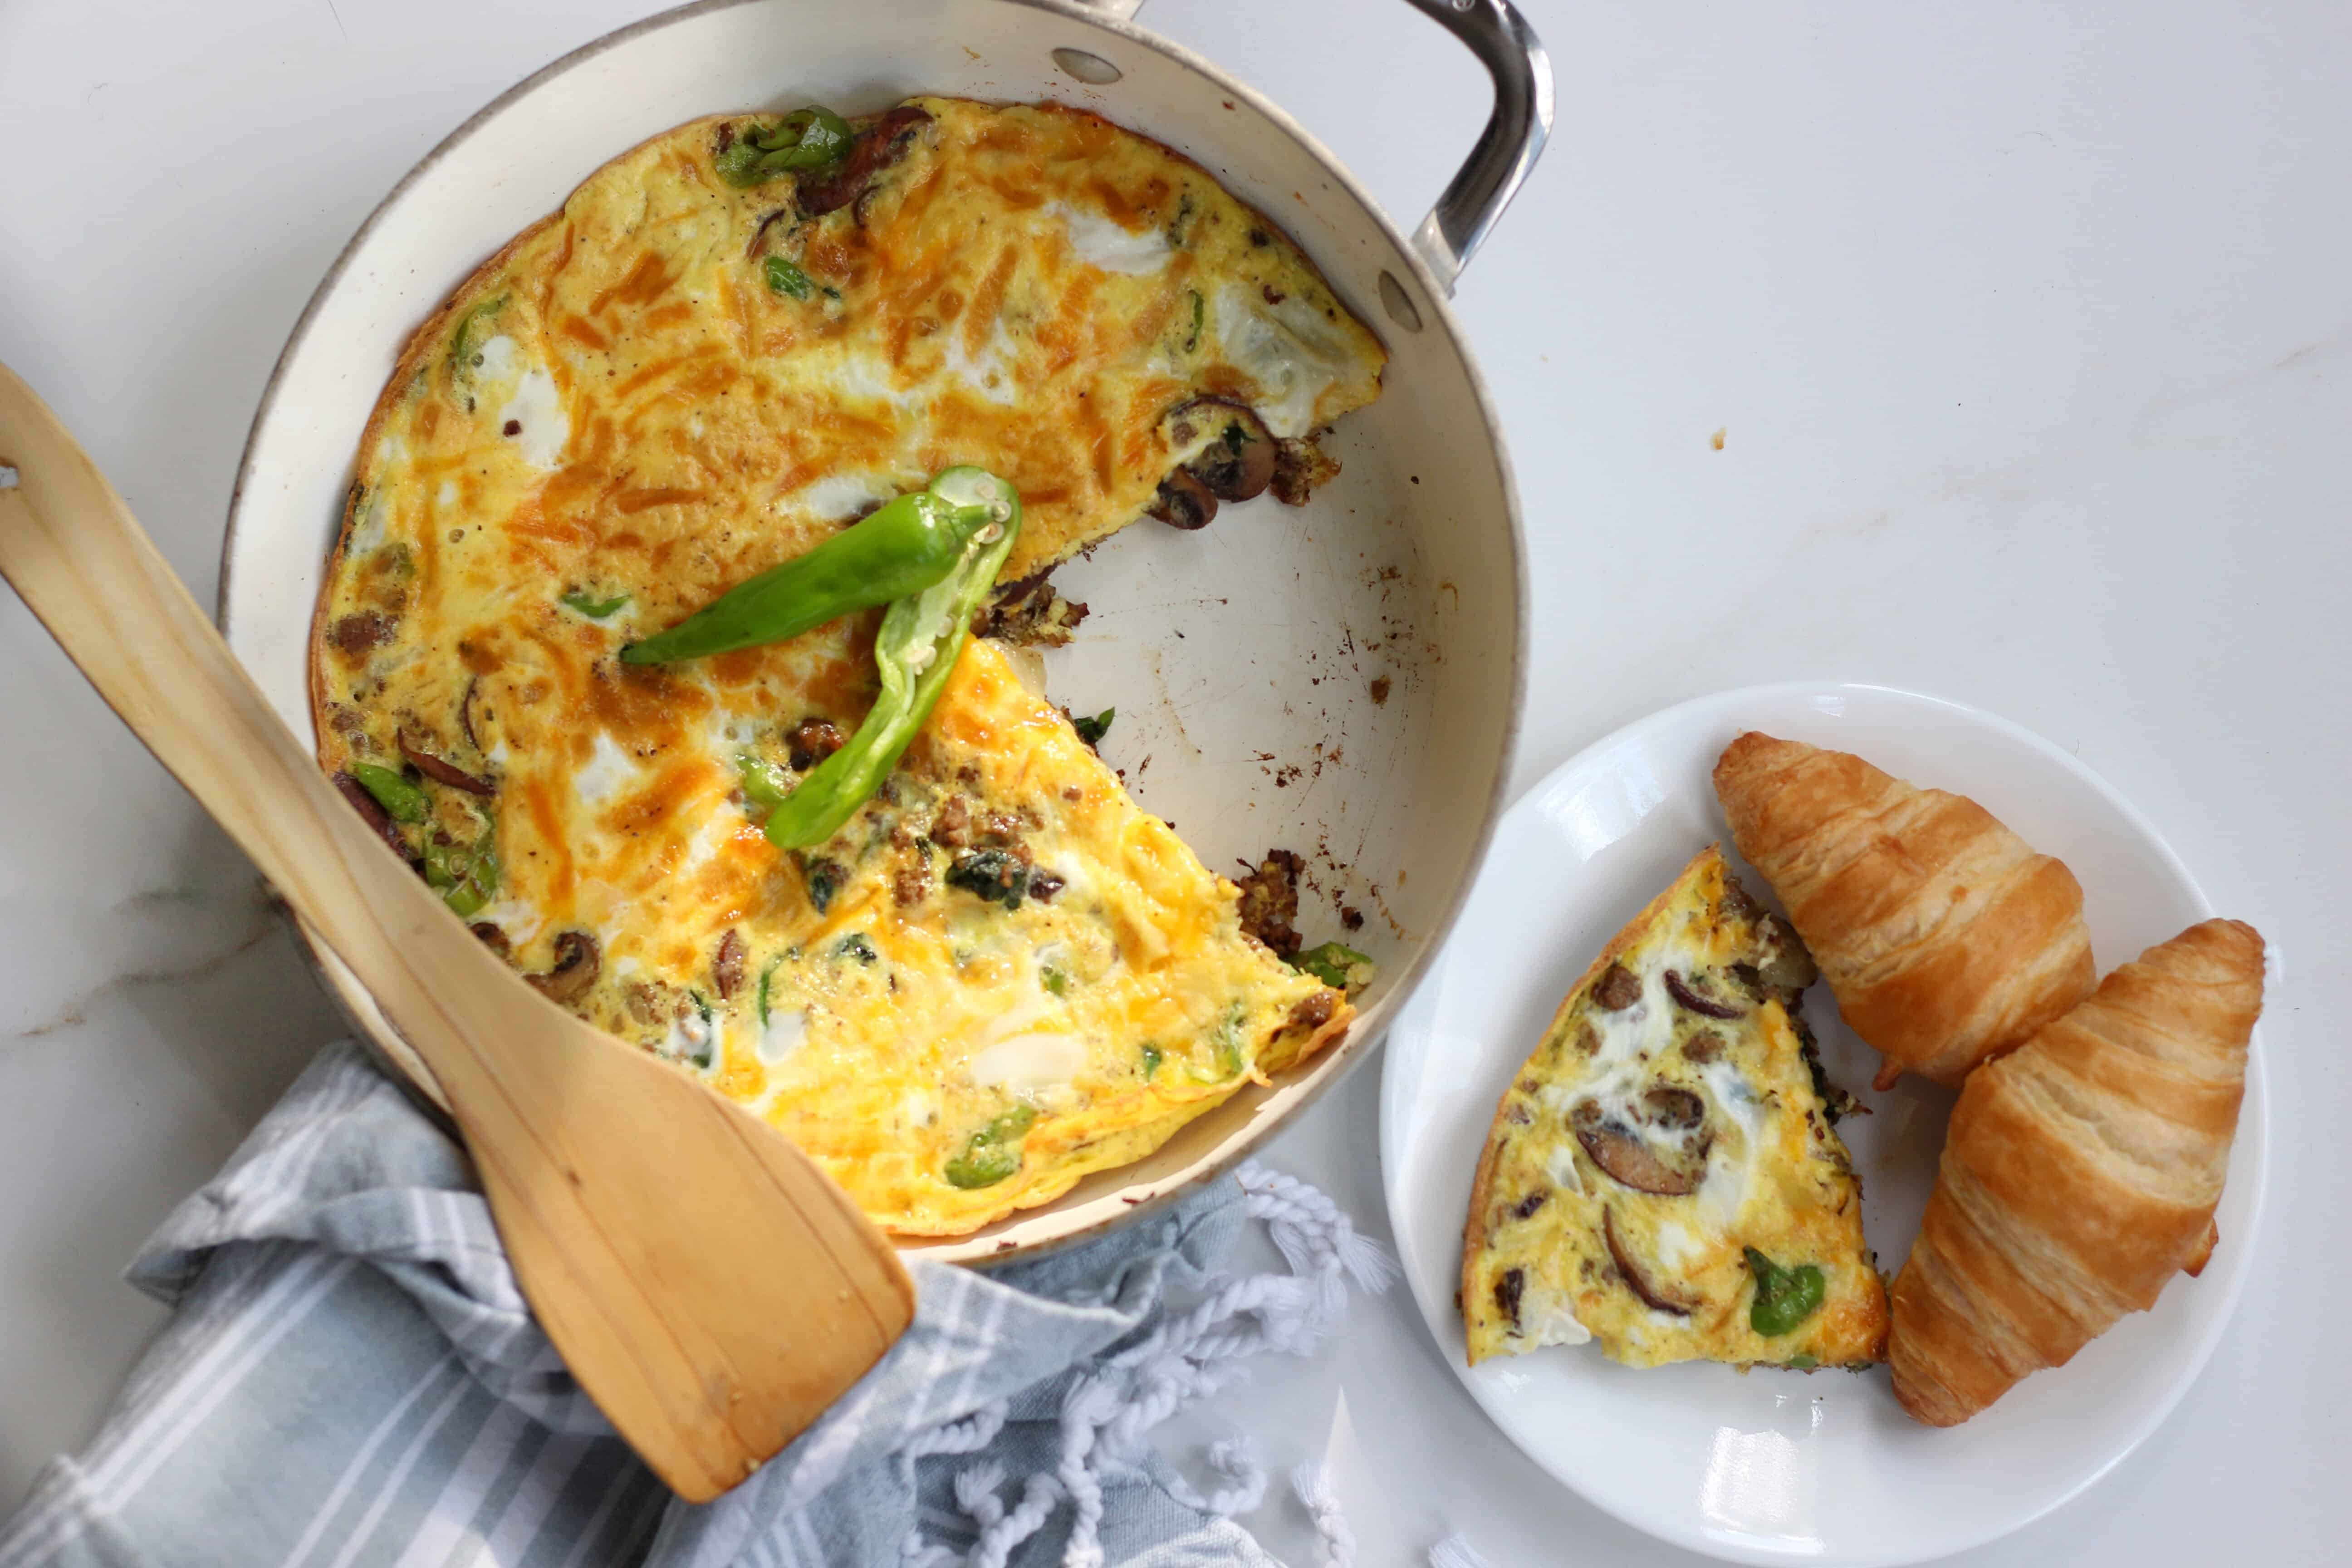 16-Mushroom and Pepper Omelette-1